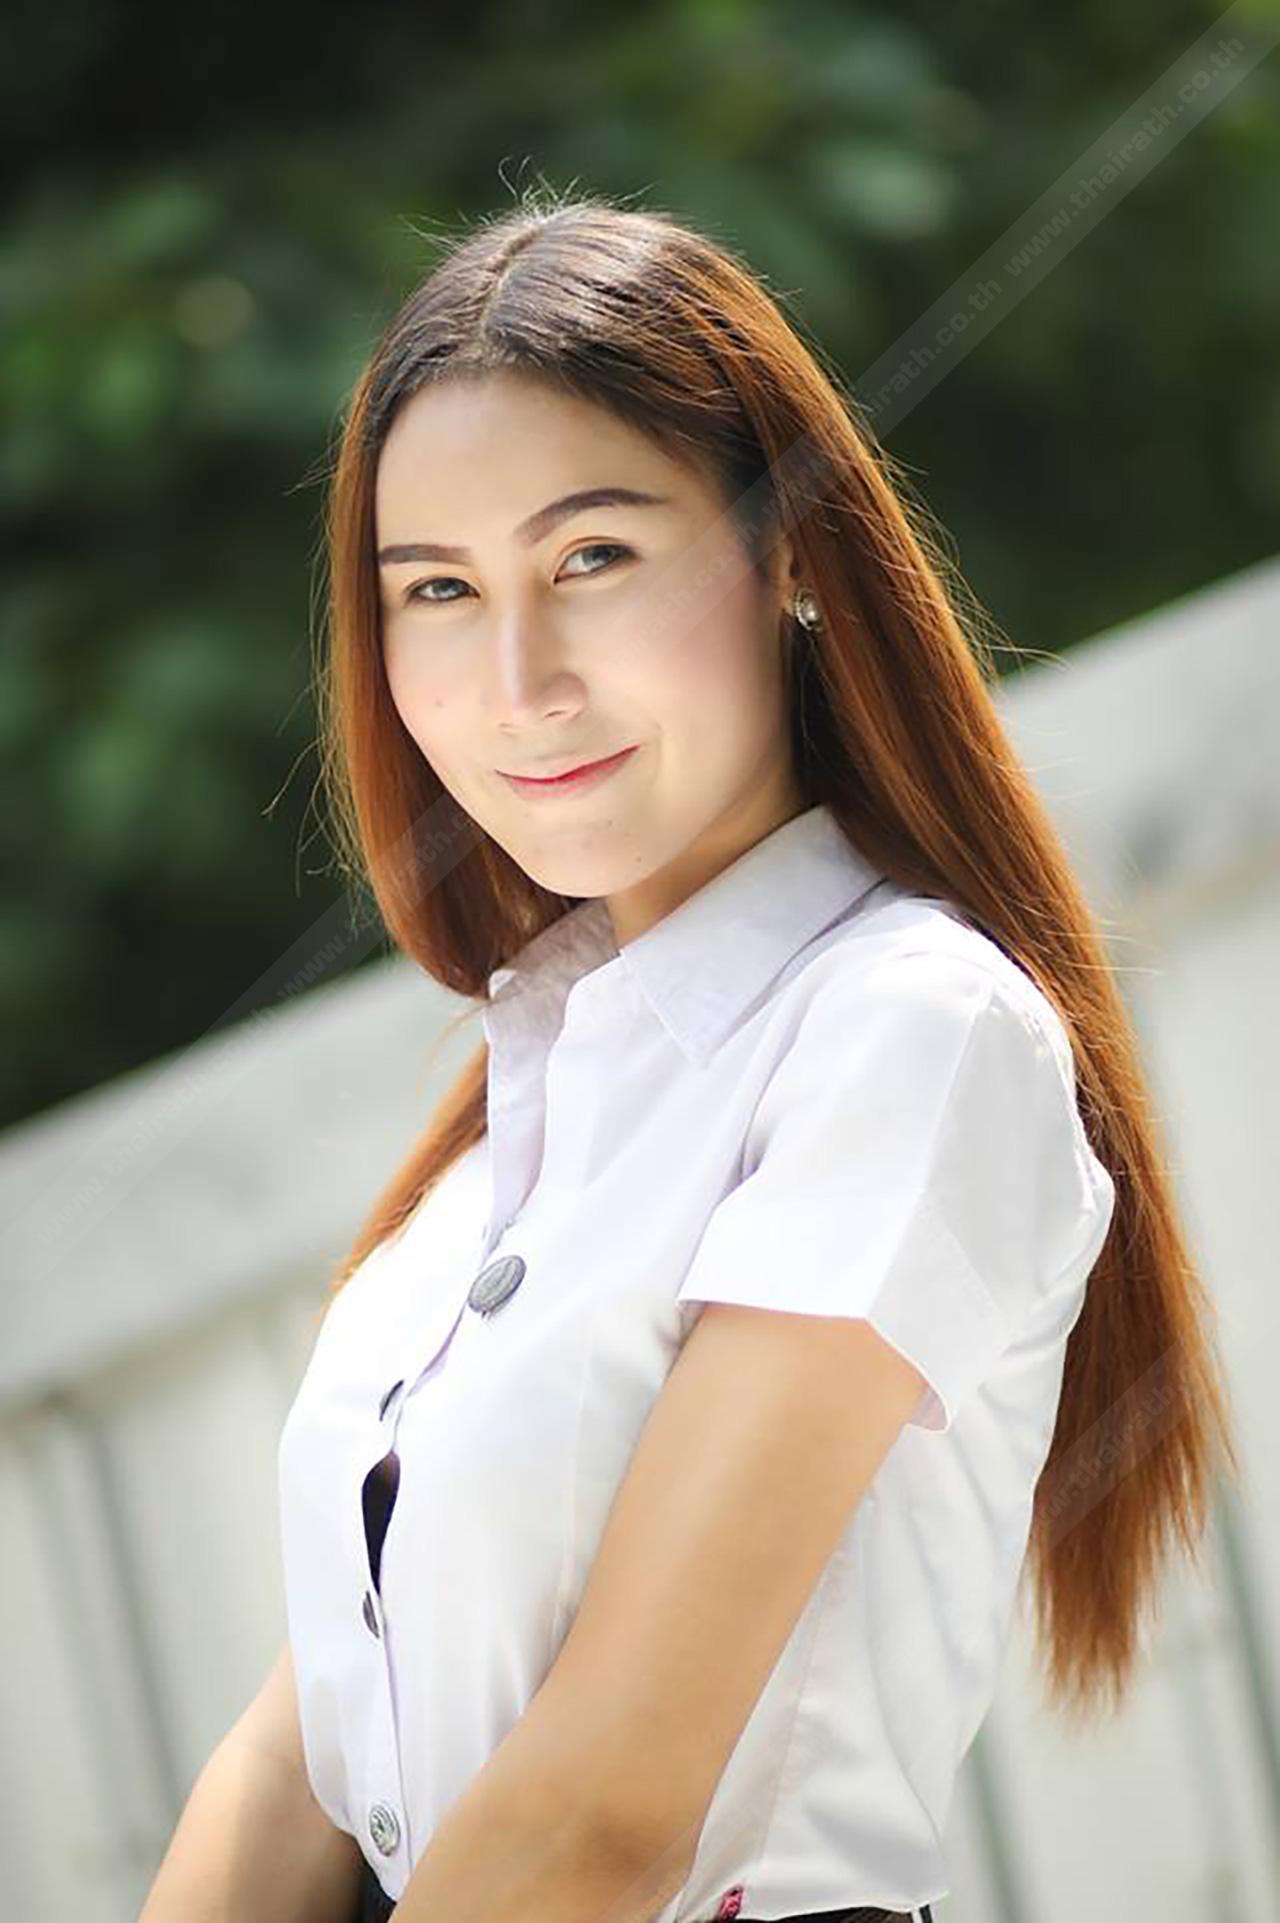 ยิ้มหวาน ไม่แพ้หญิงใดในโลก